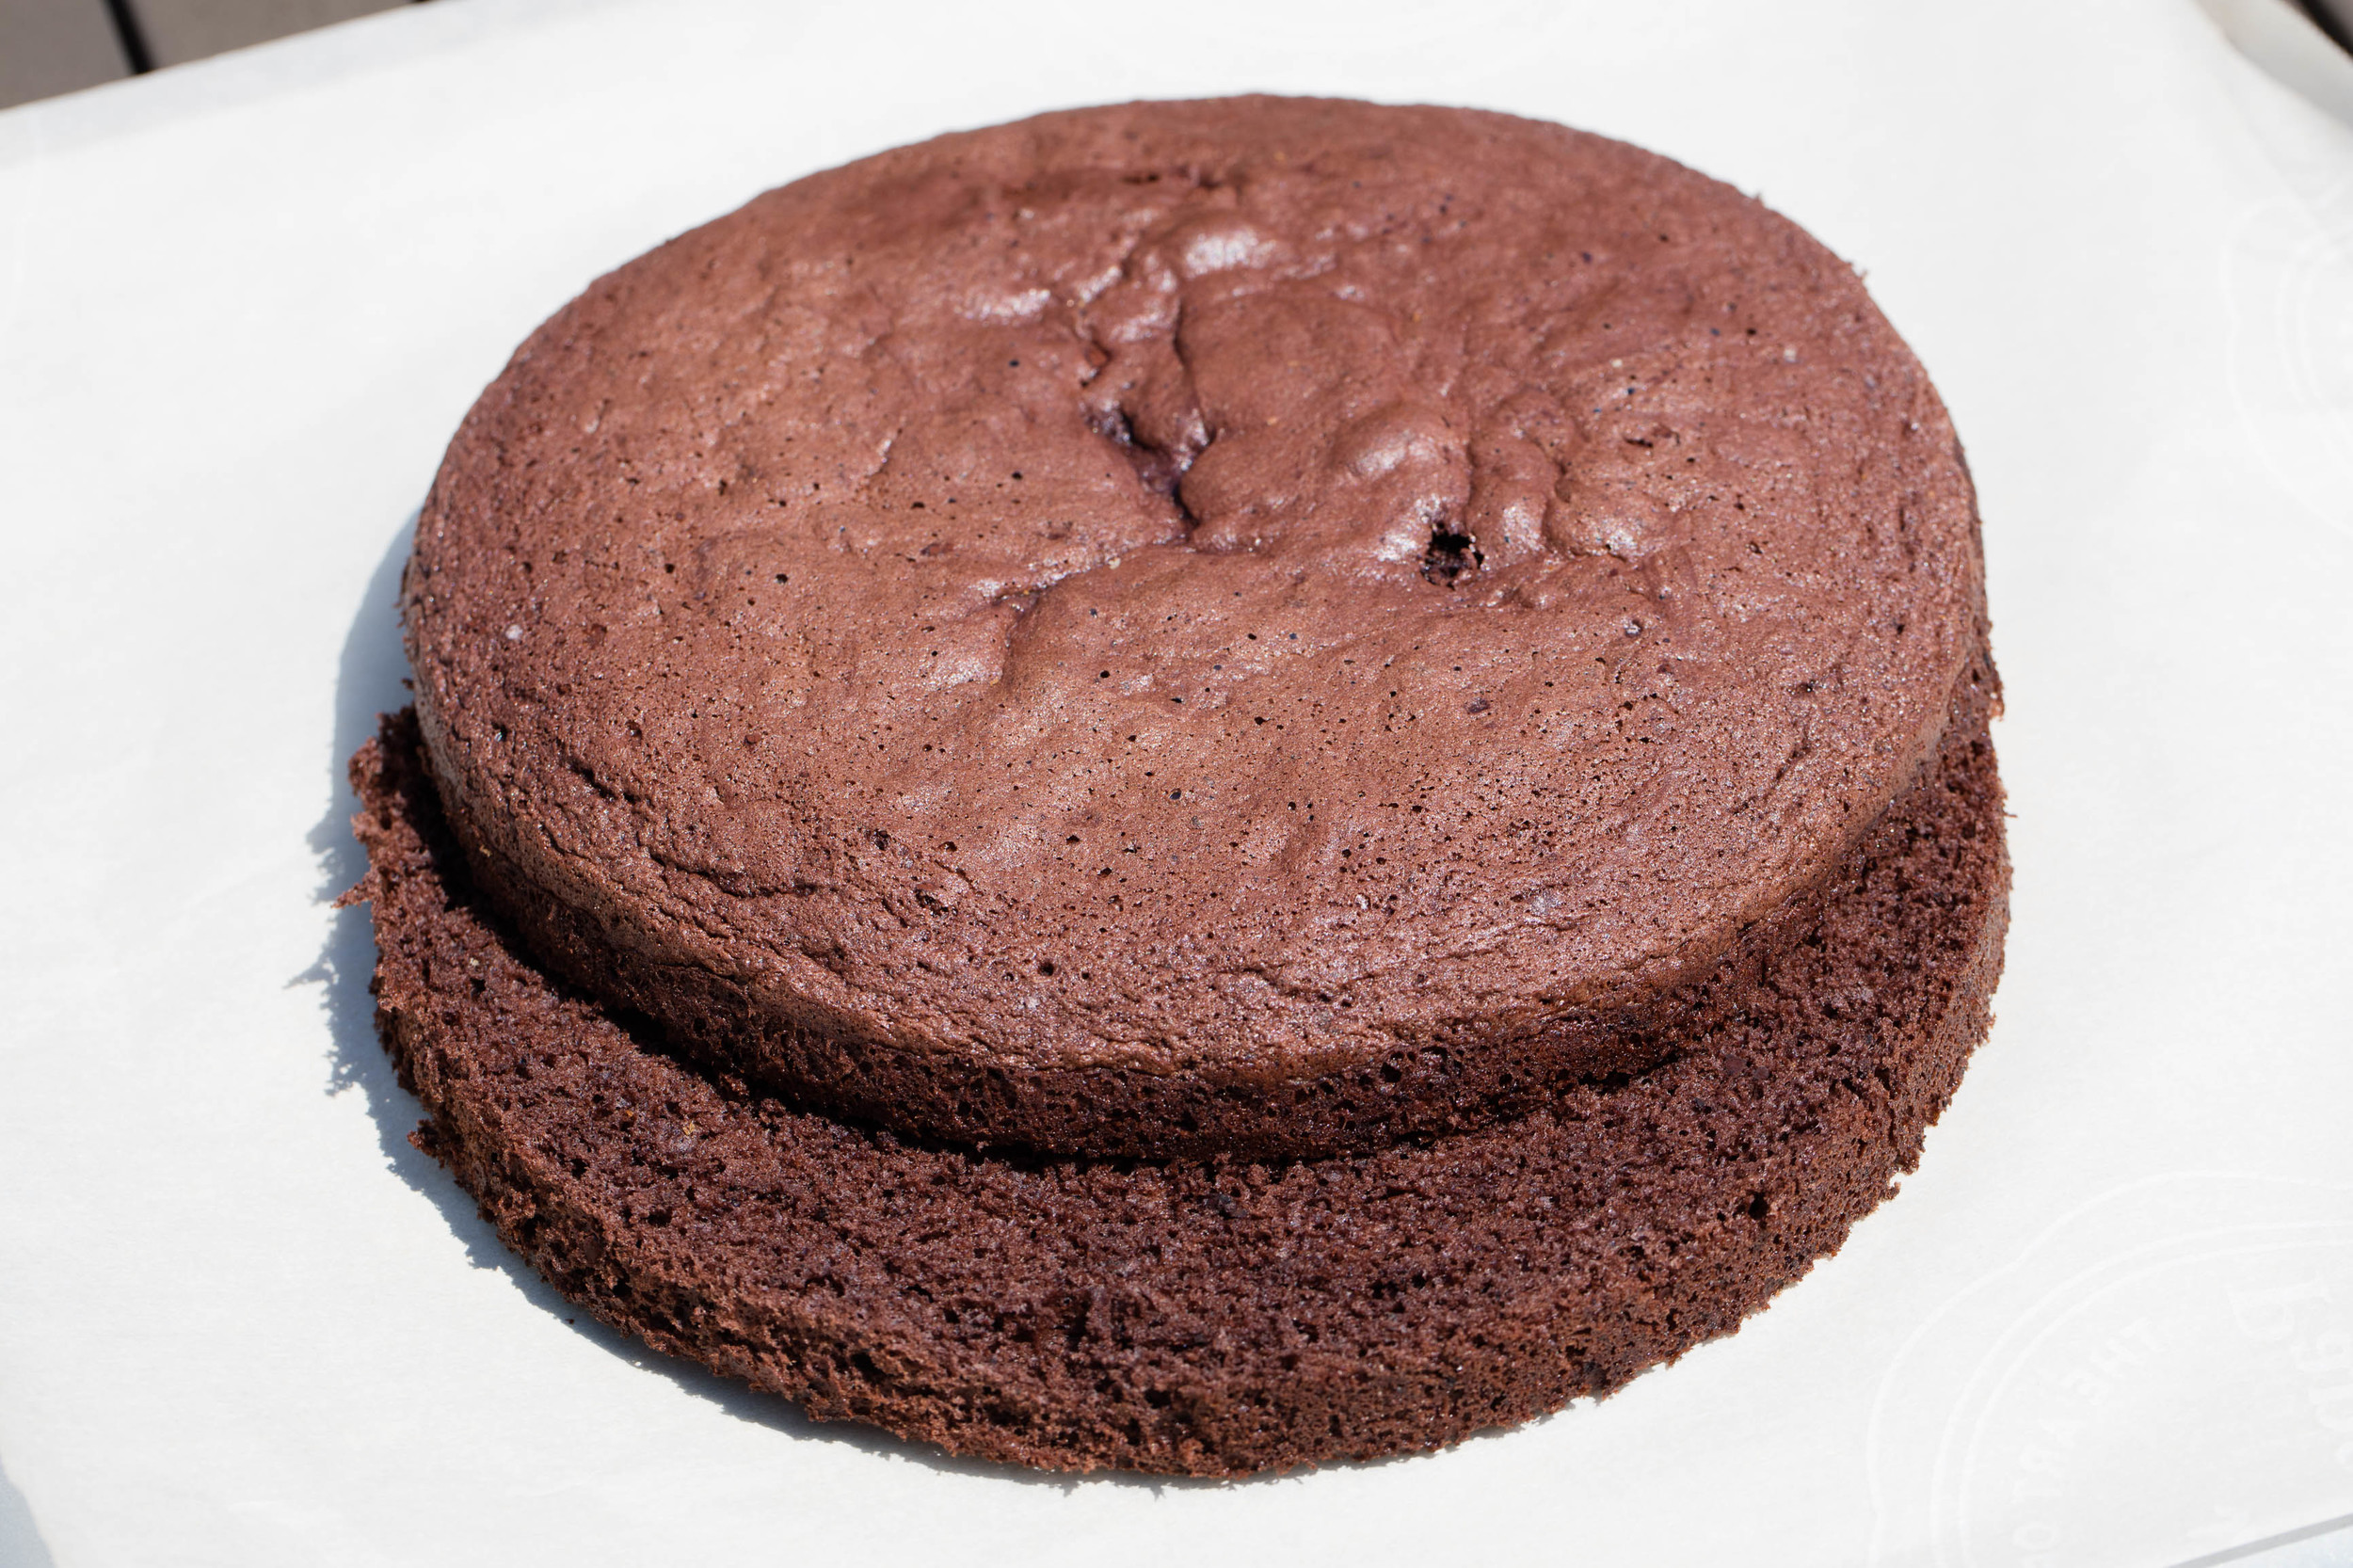 Chokoladelagkagebunde - Chocolate Cake